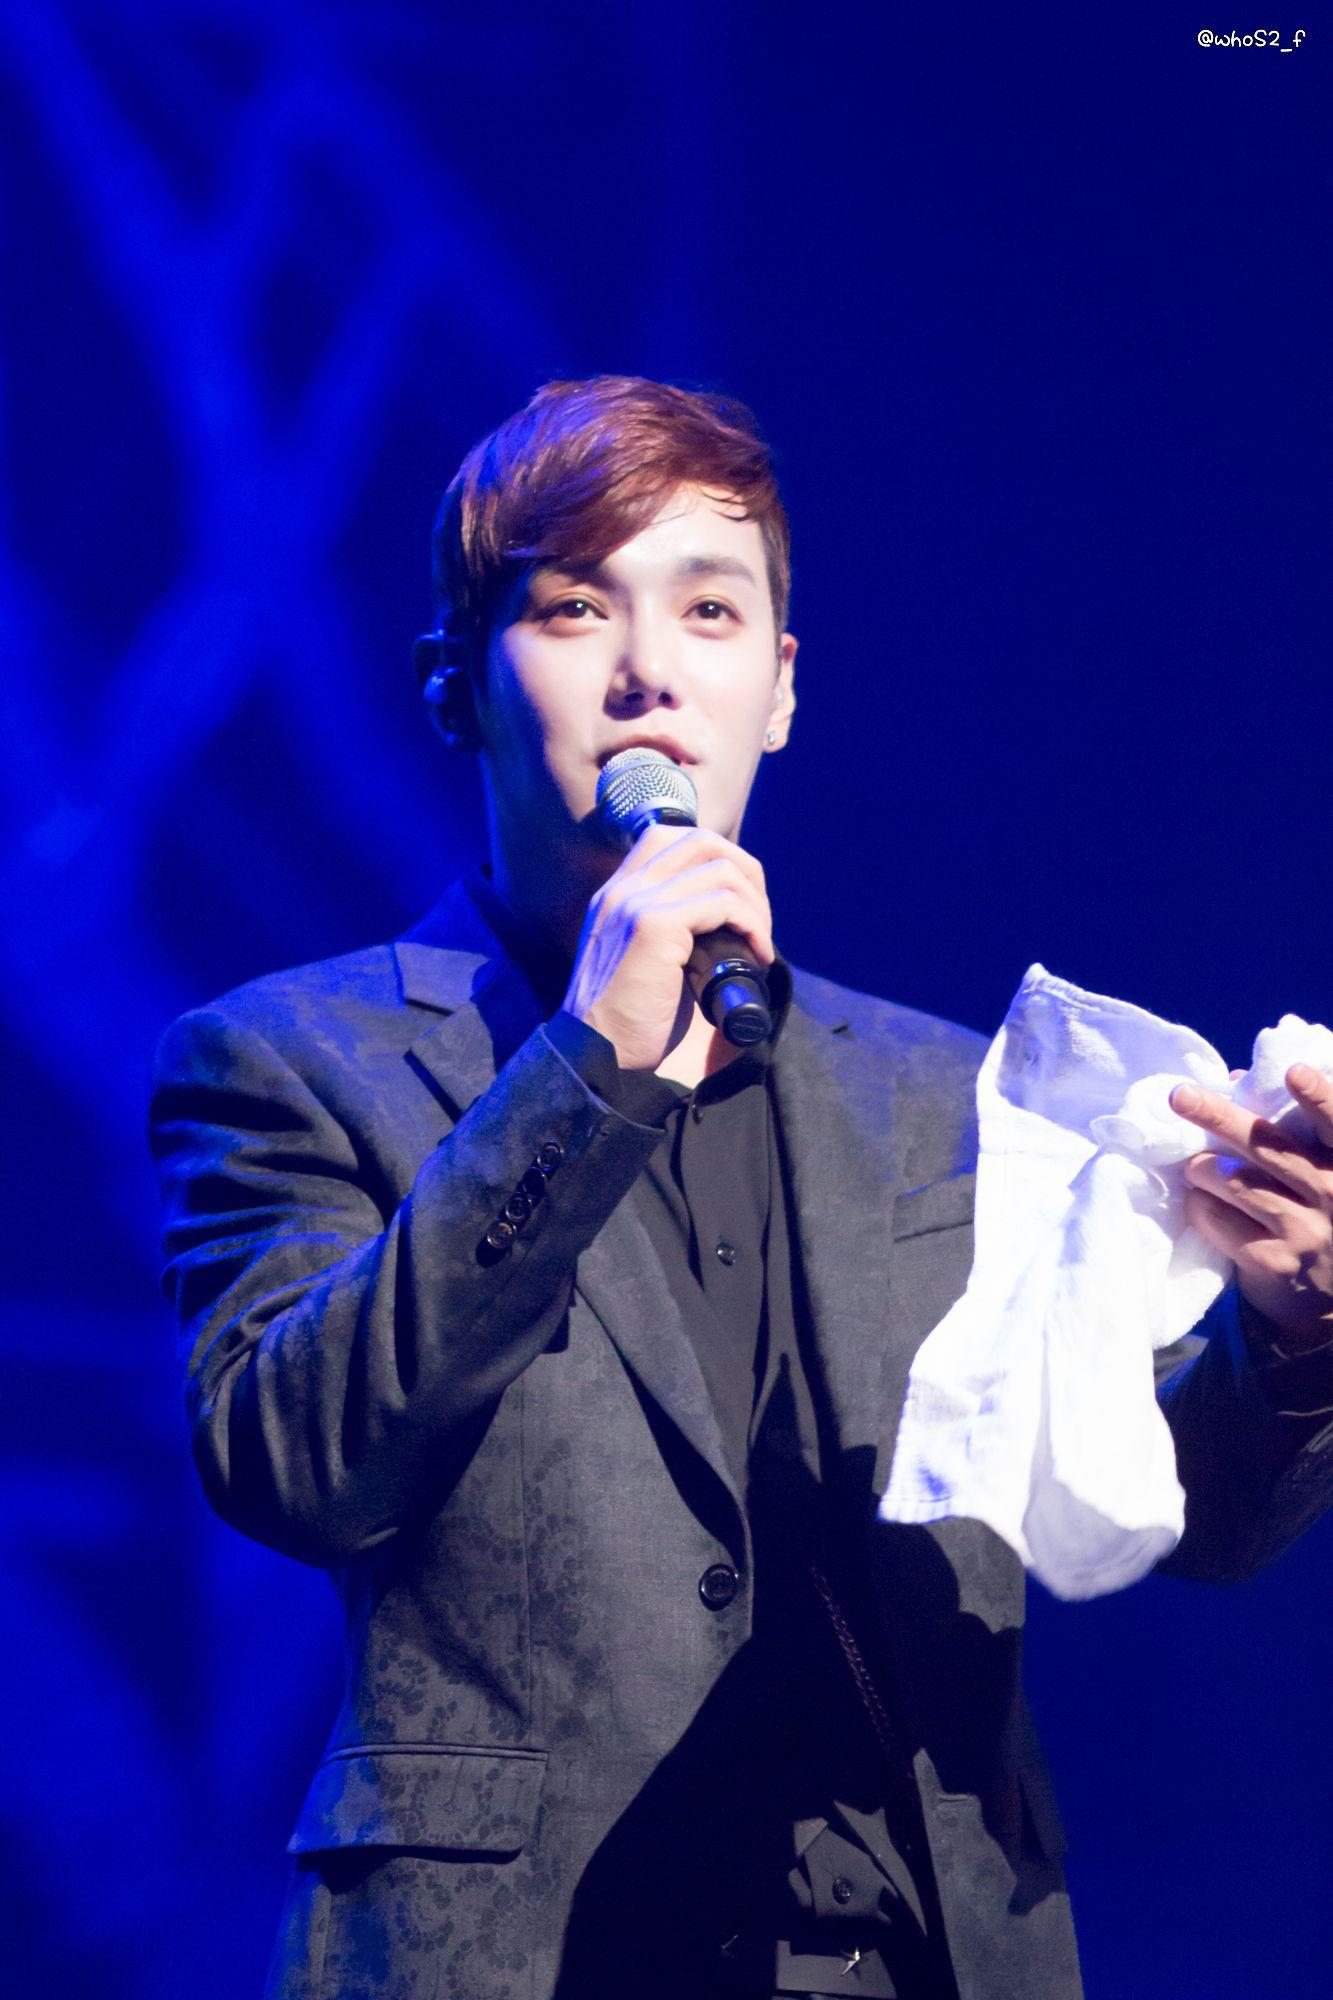 20141215 경희대학교 평화의전당 The끌림 콘서트